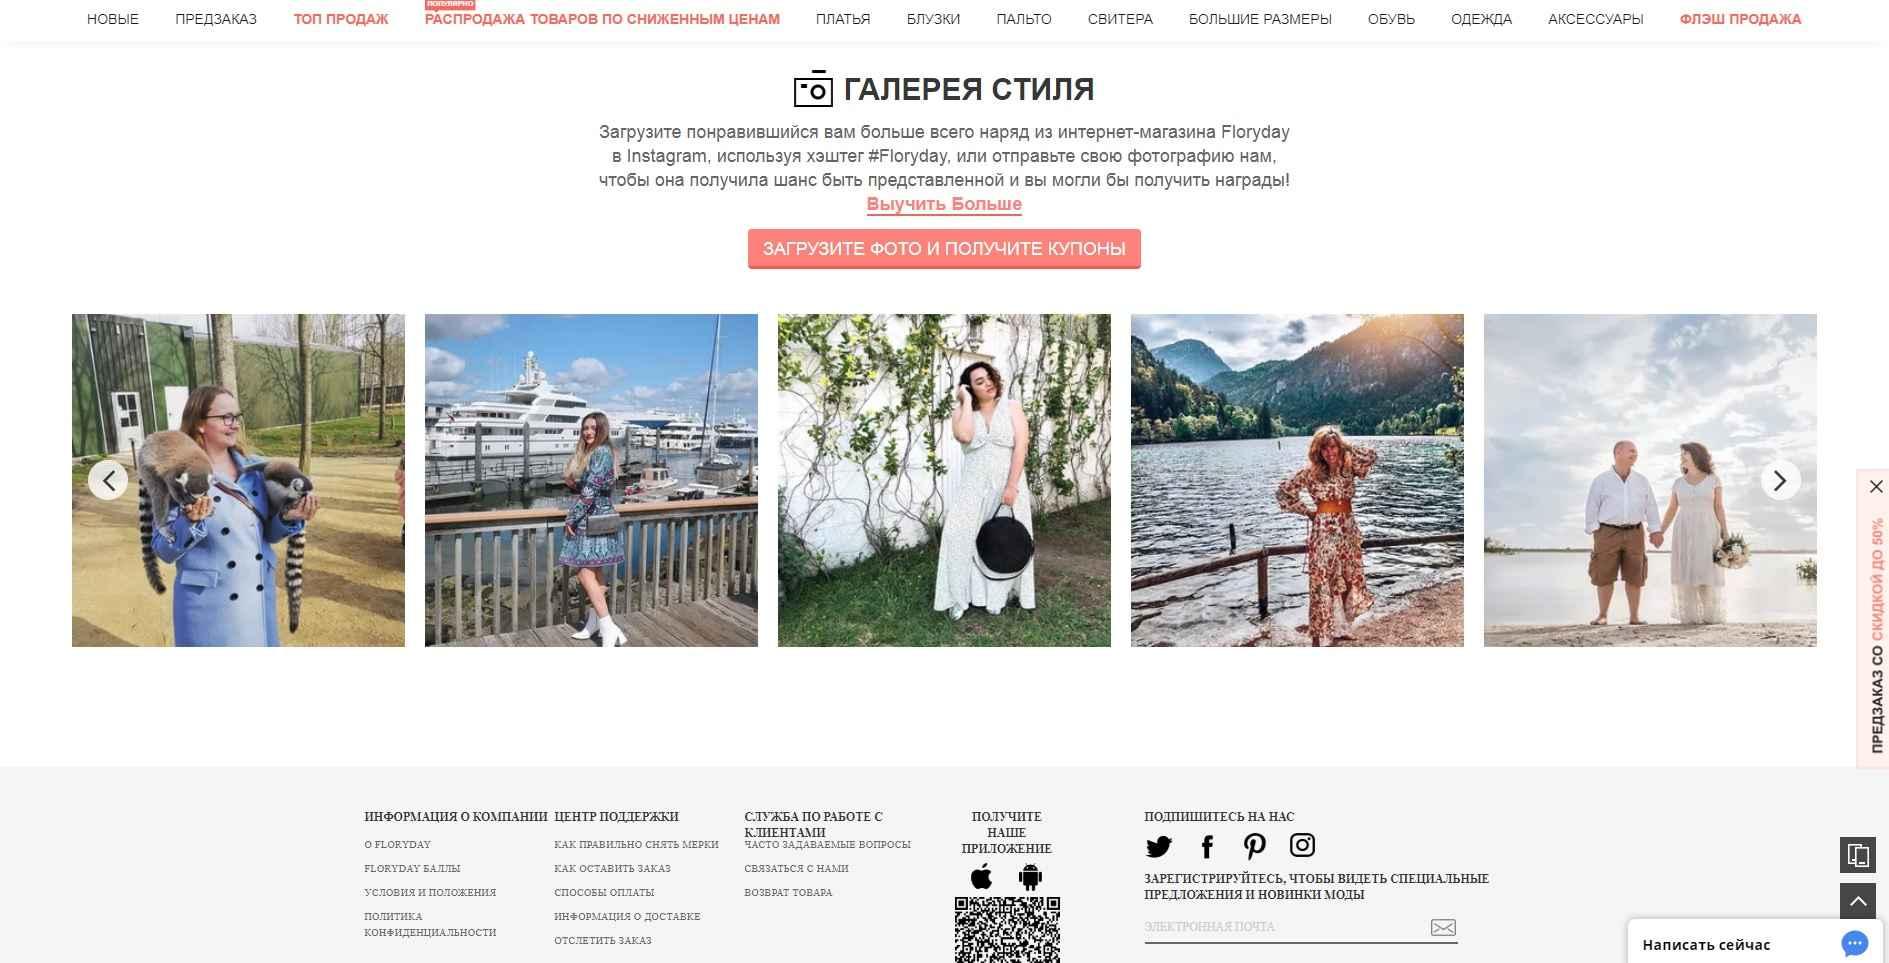 Интернет-магазин Floryday – отзывы покупателей о floryday.com